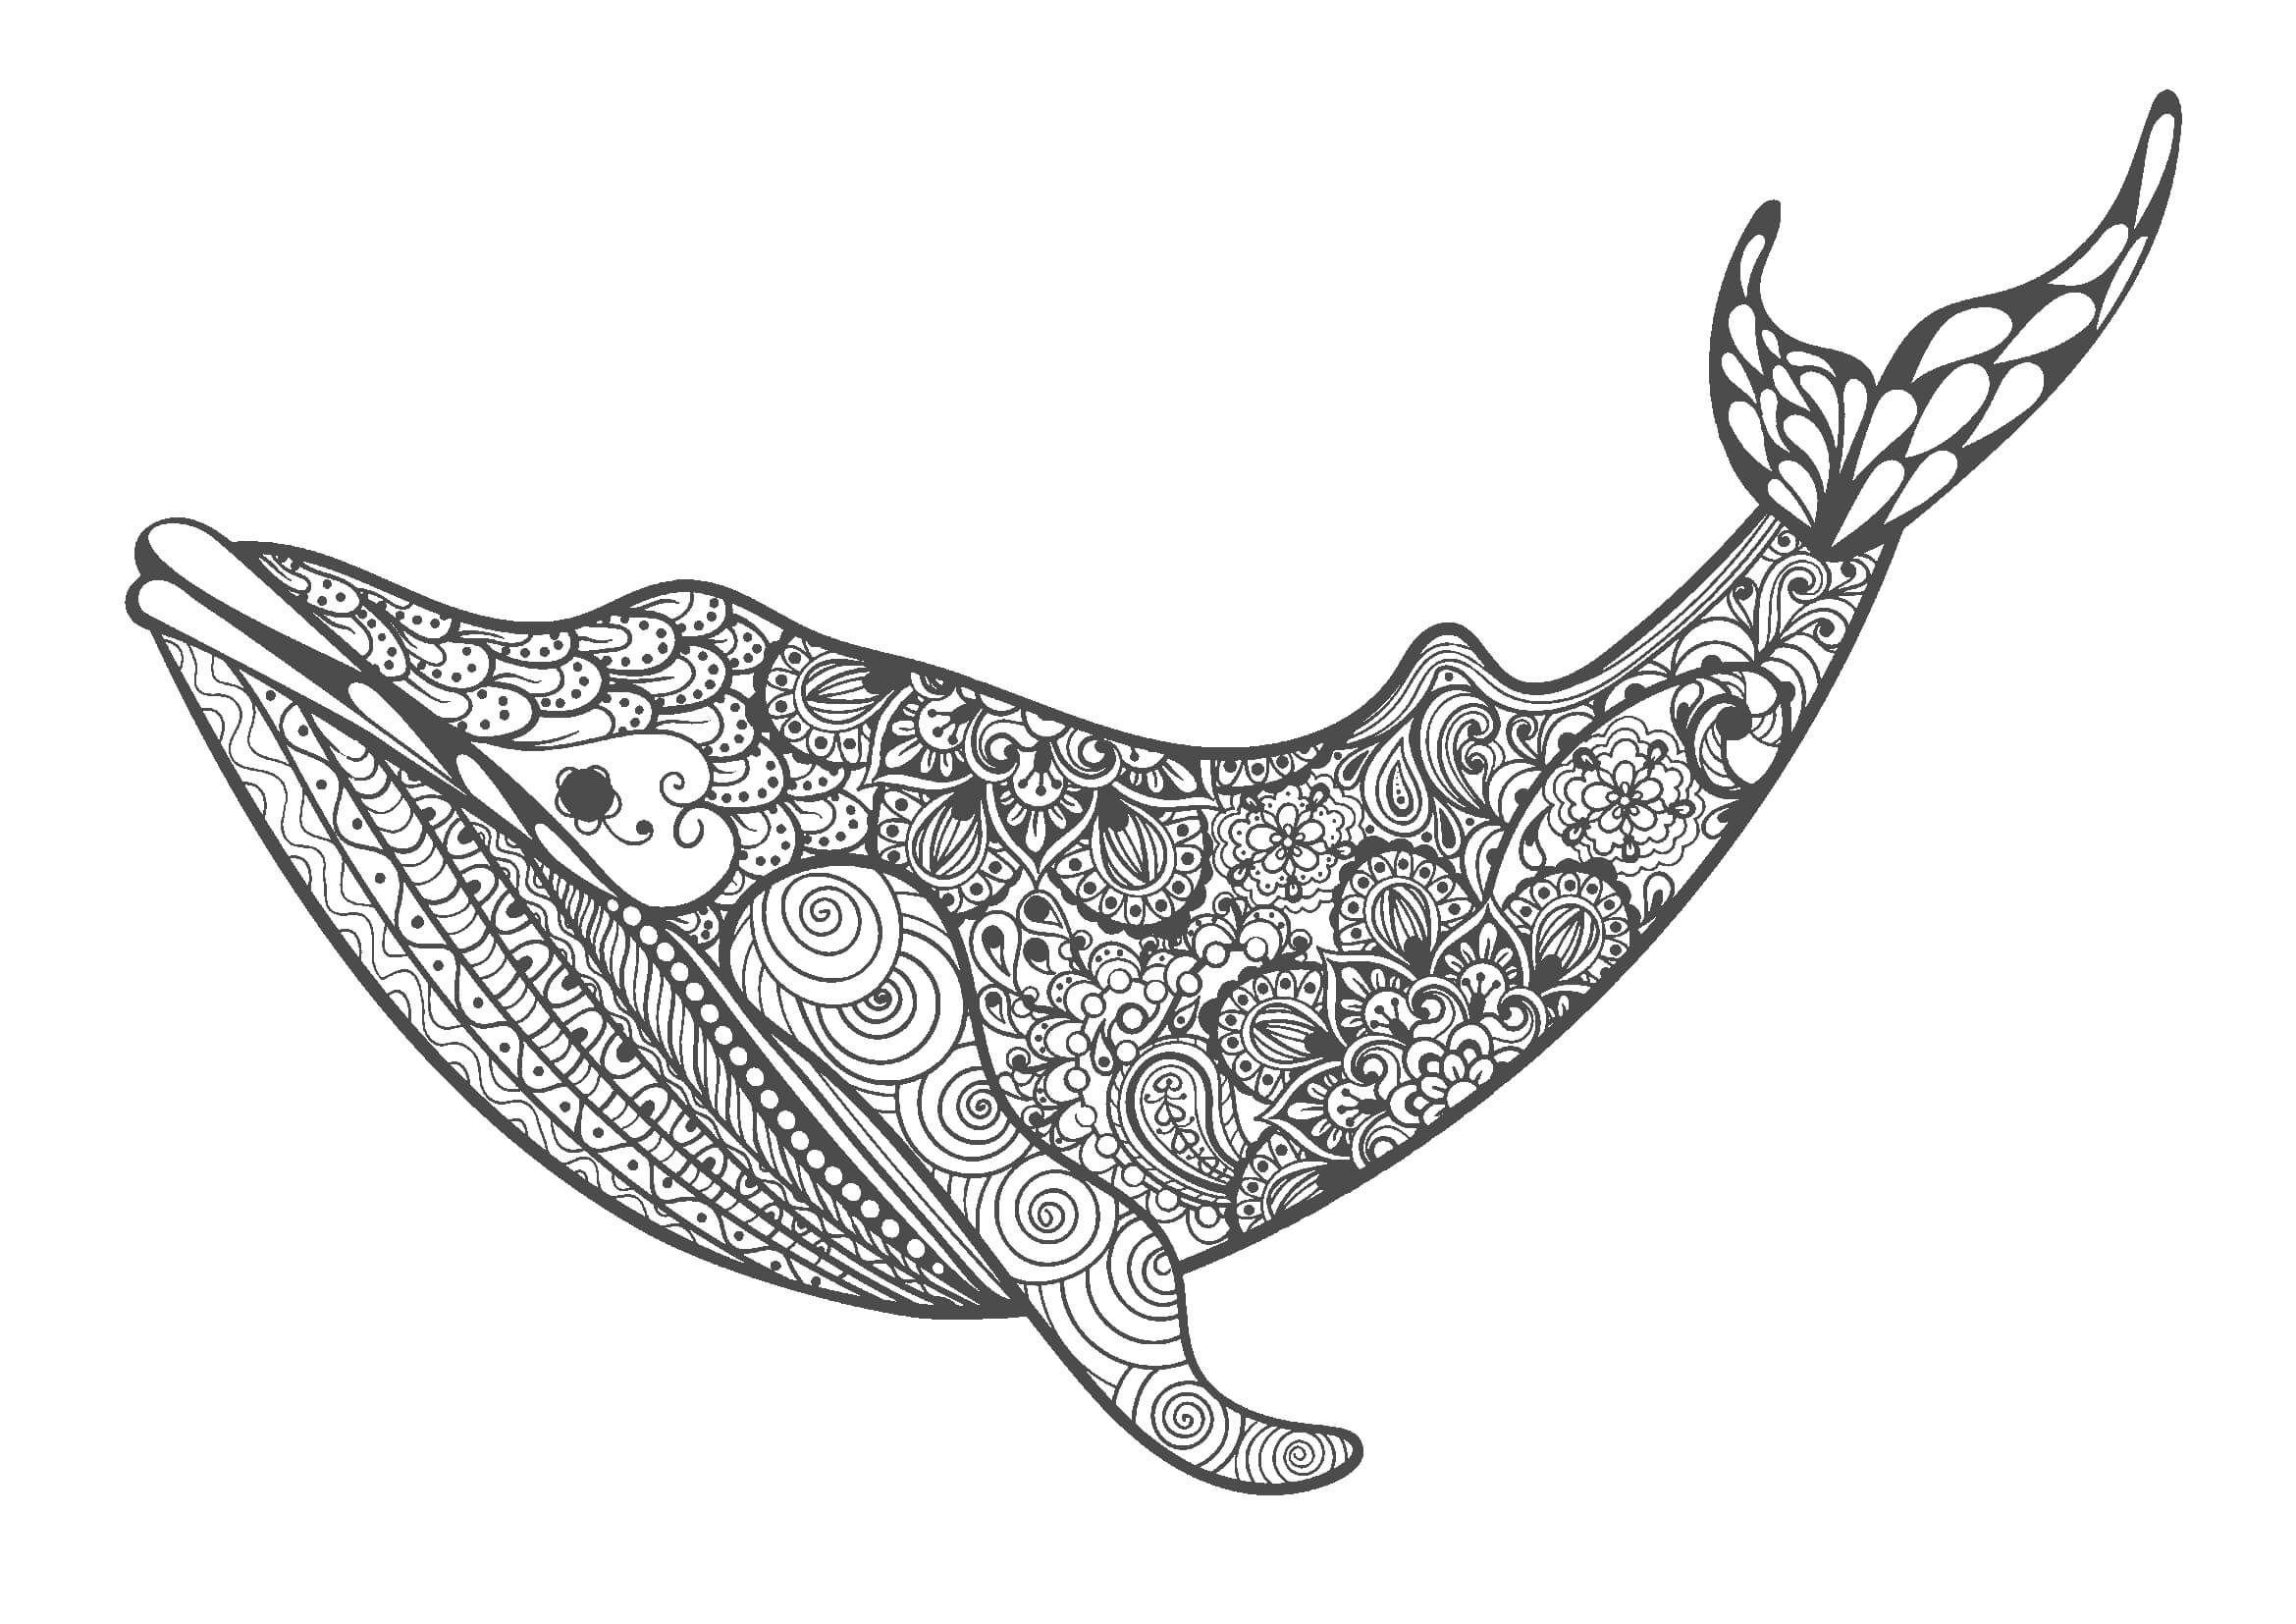 クジラ 大人の塗り絵無料コロリアージュ 切り絵 クジラ イラスト